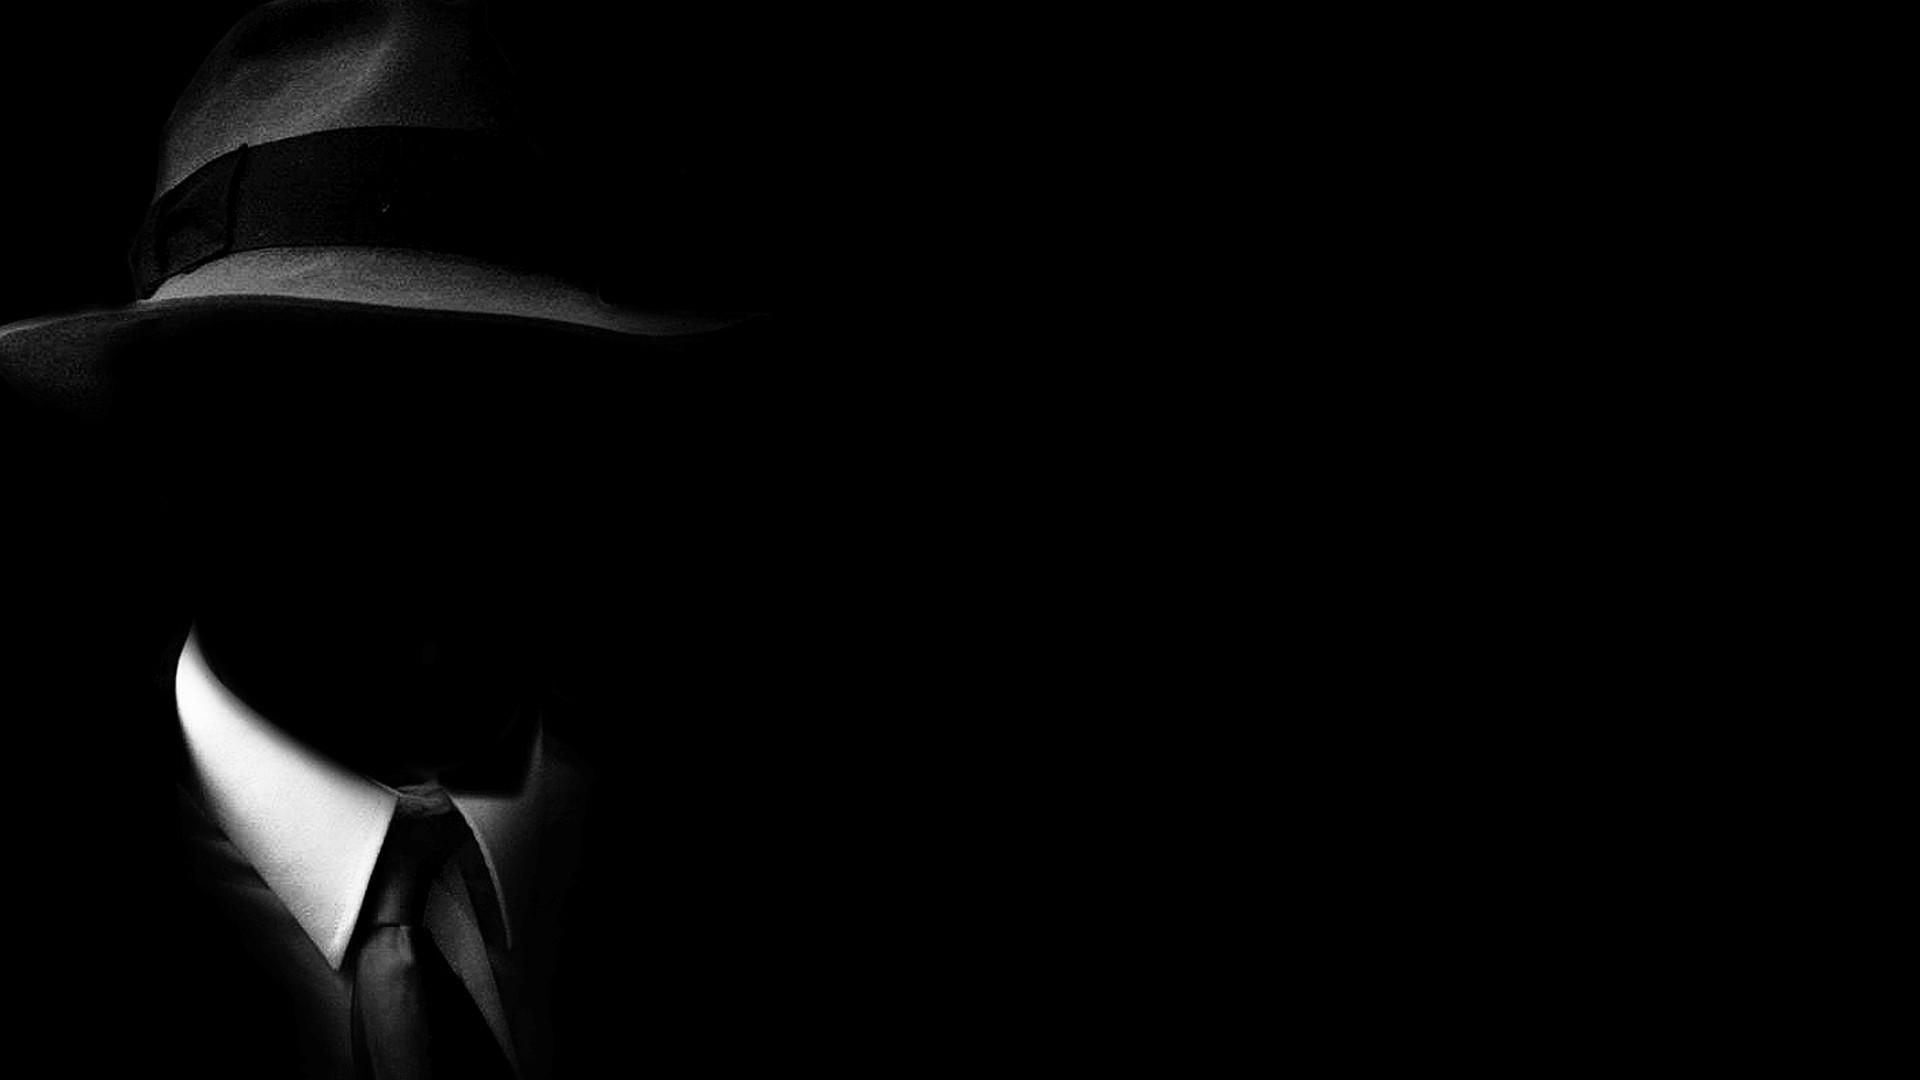 картинки людей на темном фоне нко дагестанский